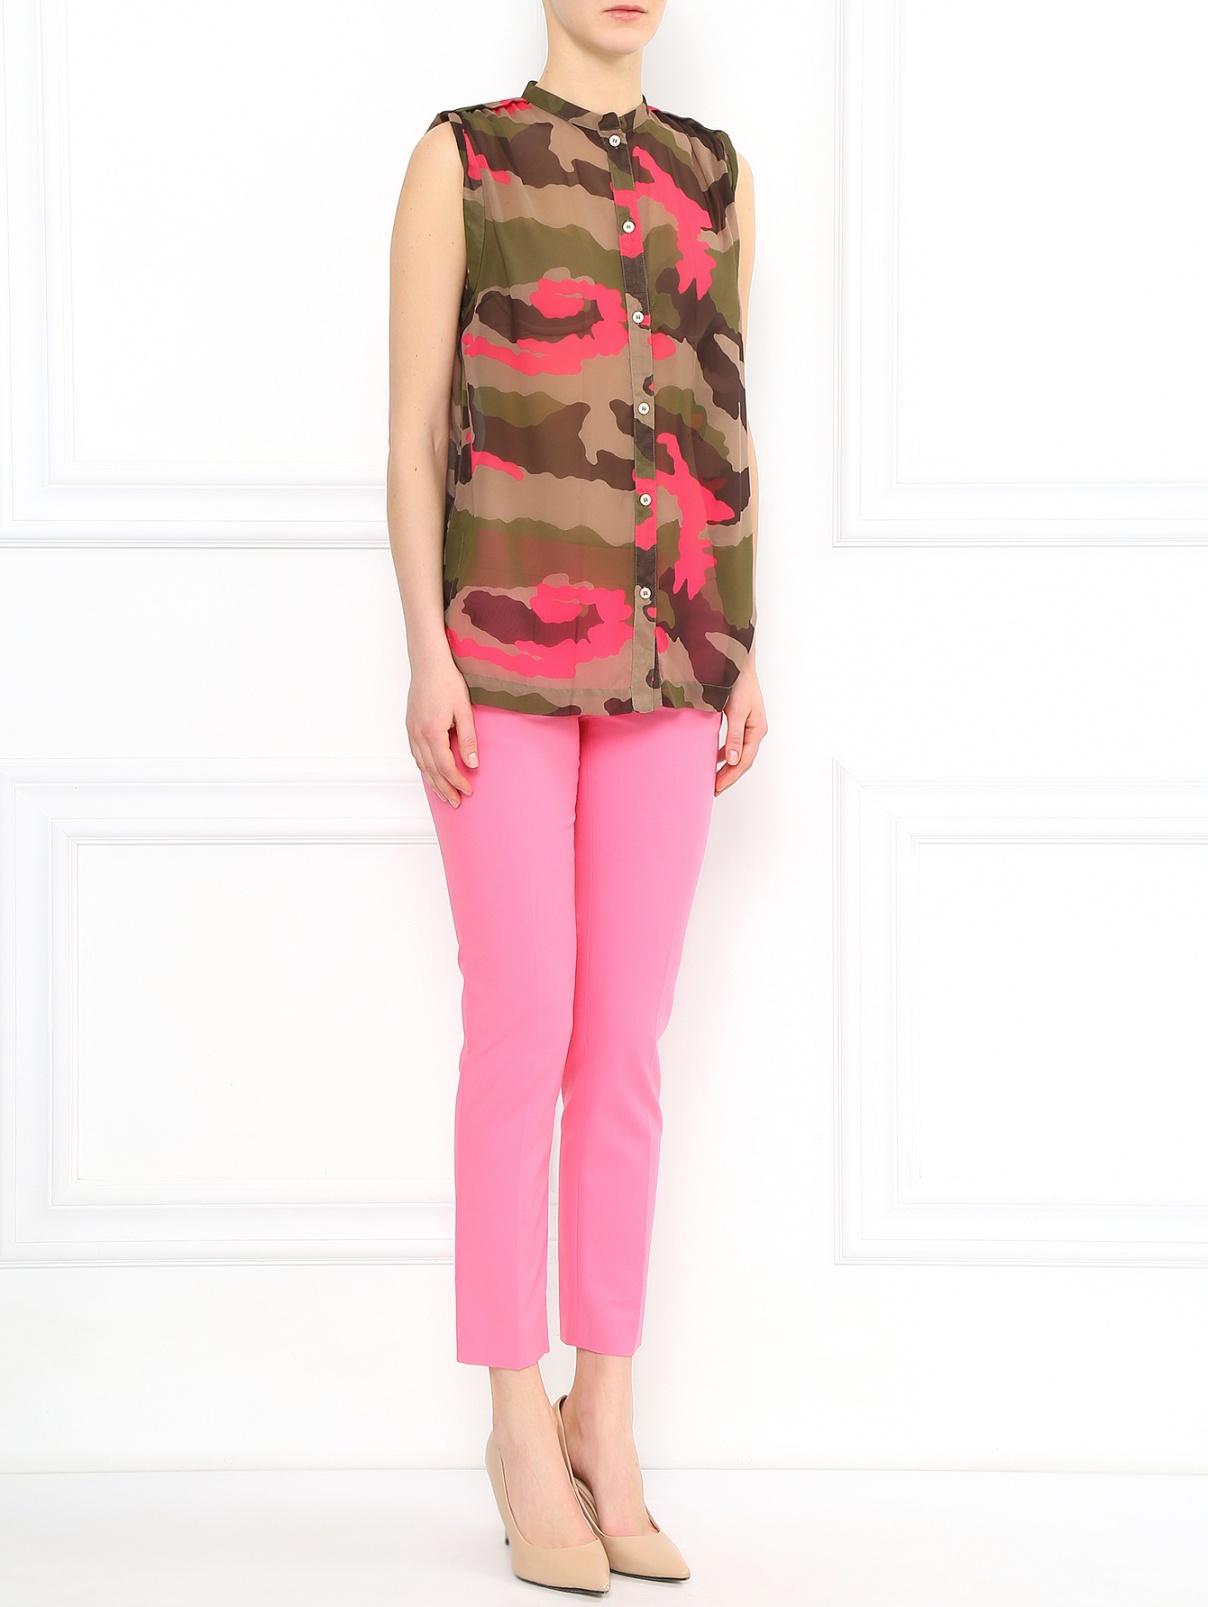 Укороченные брюки из хлопка с боковыми карманами Moschino Cheap&Chic  –  Модель Общий вид